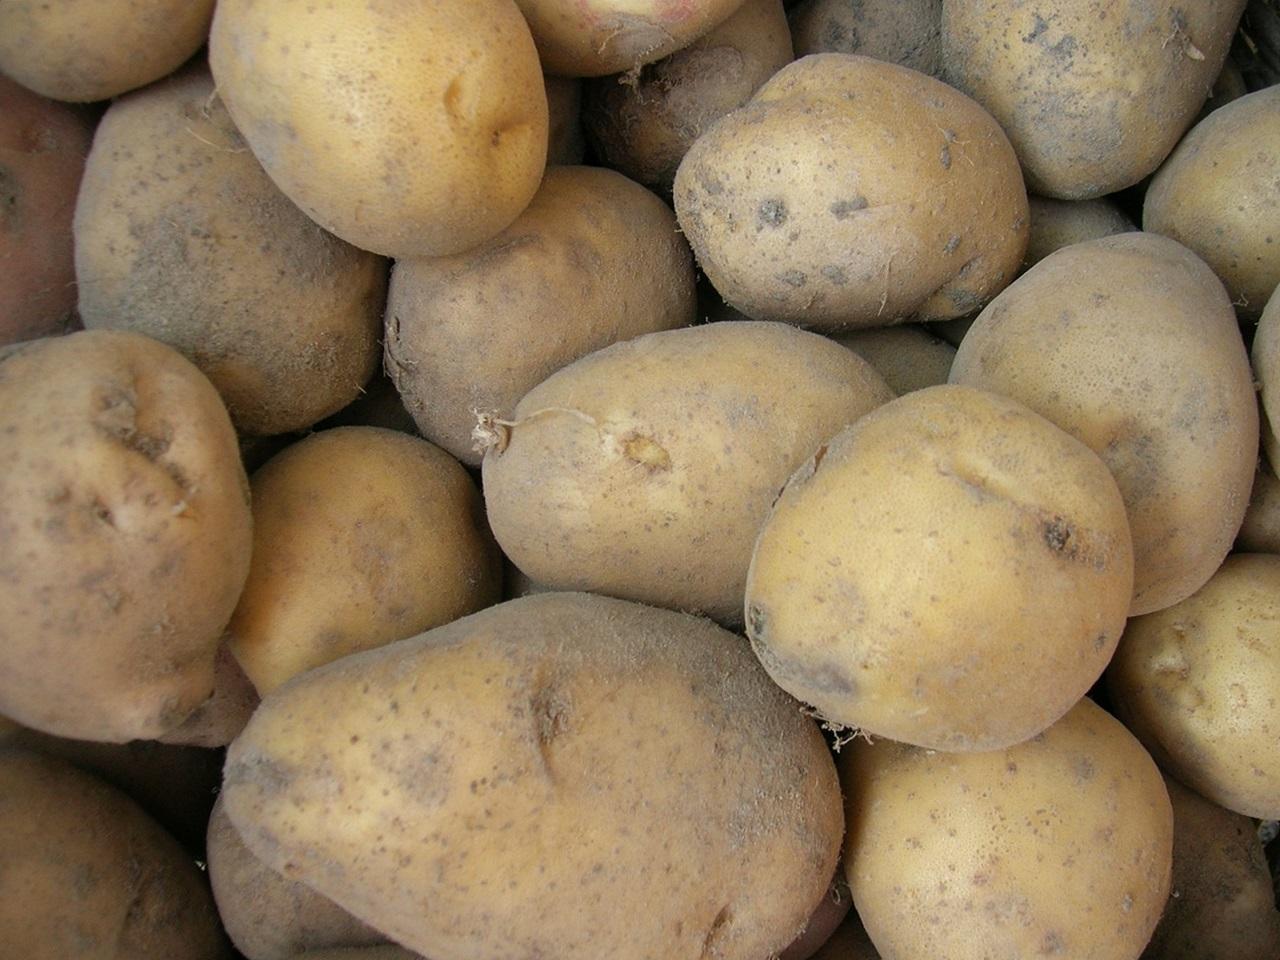 сорта картофеля 8